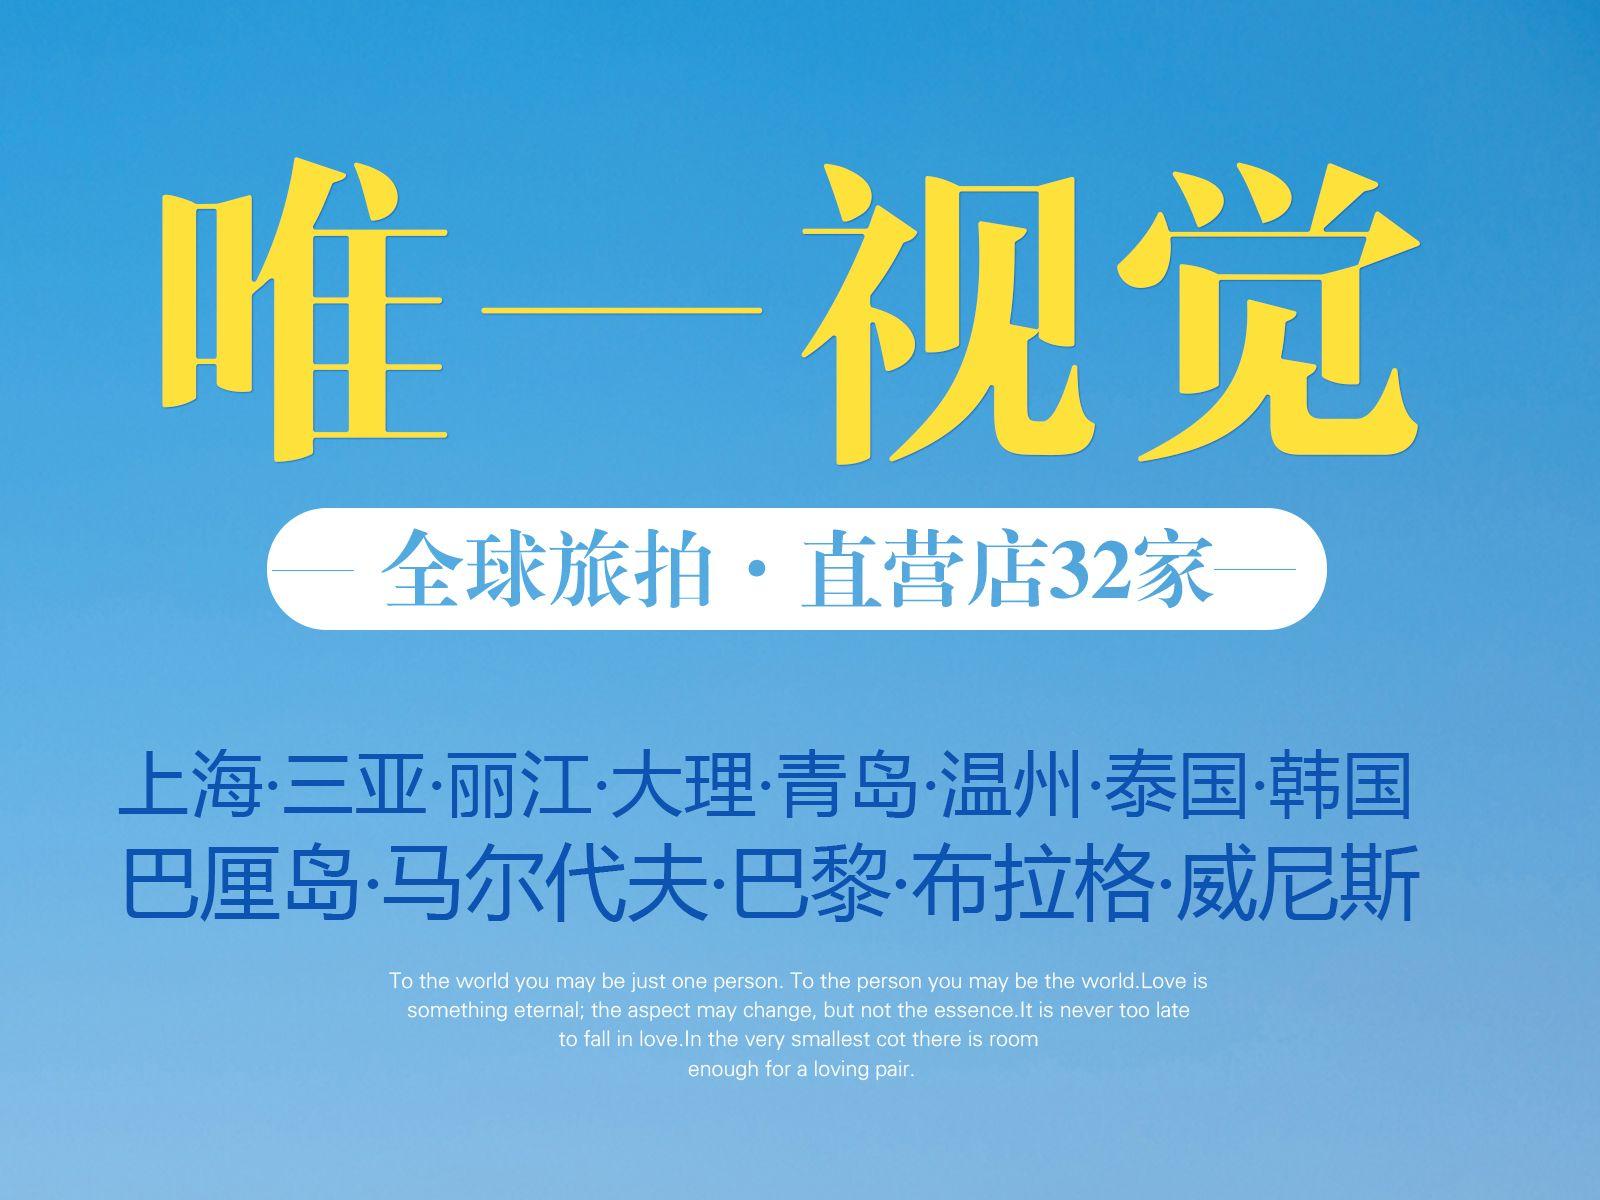 中国唯一视觉旅游摄影集团